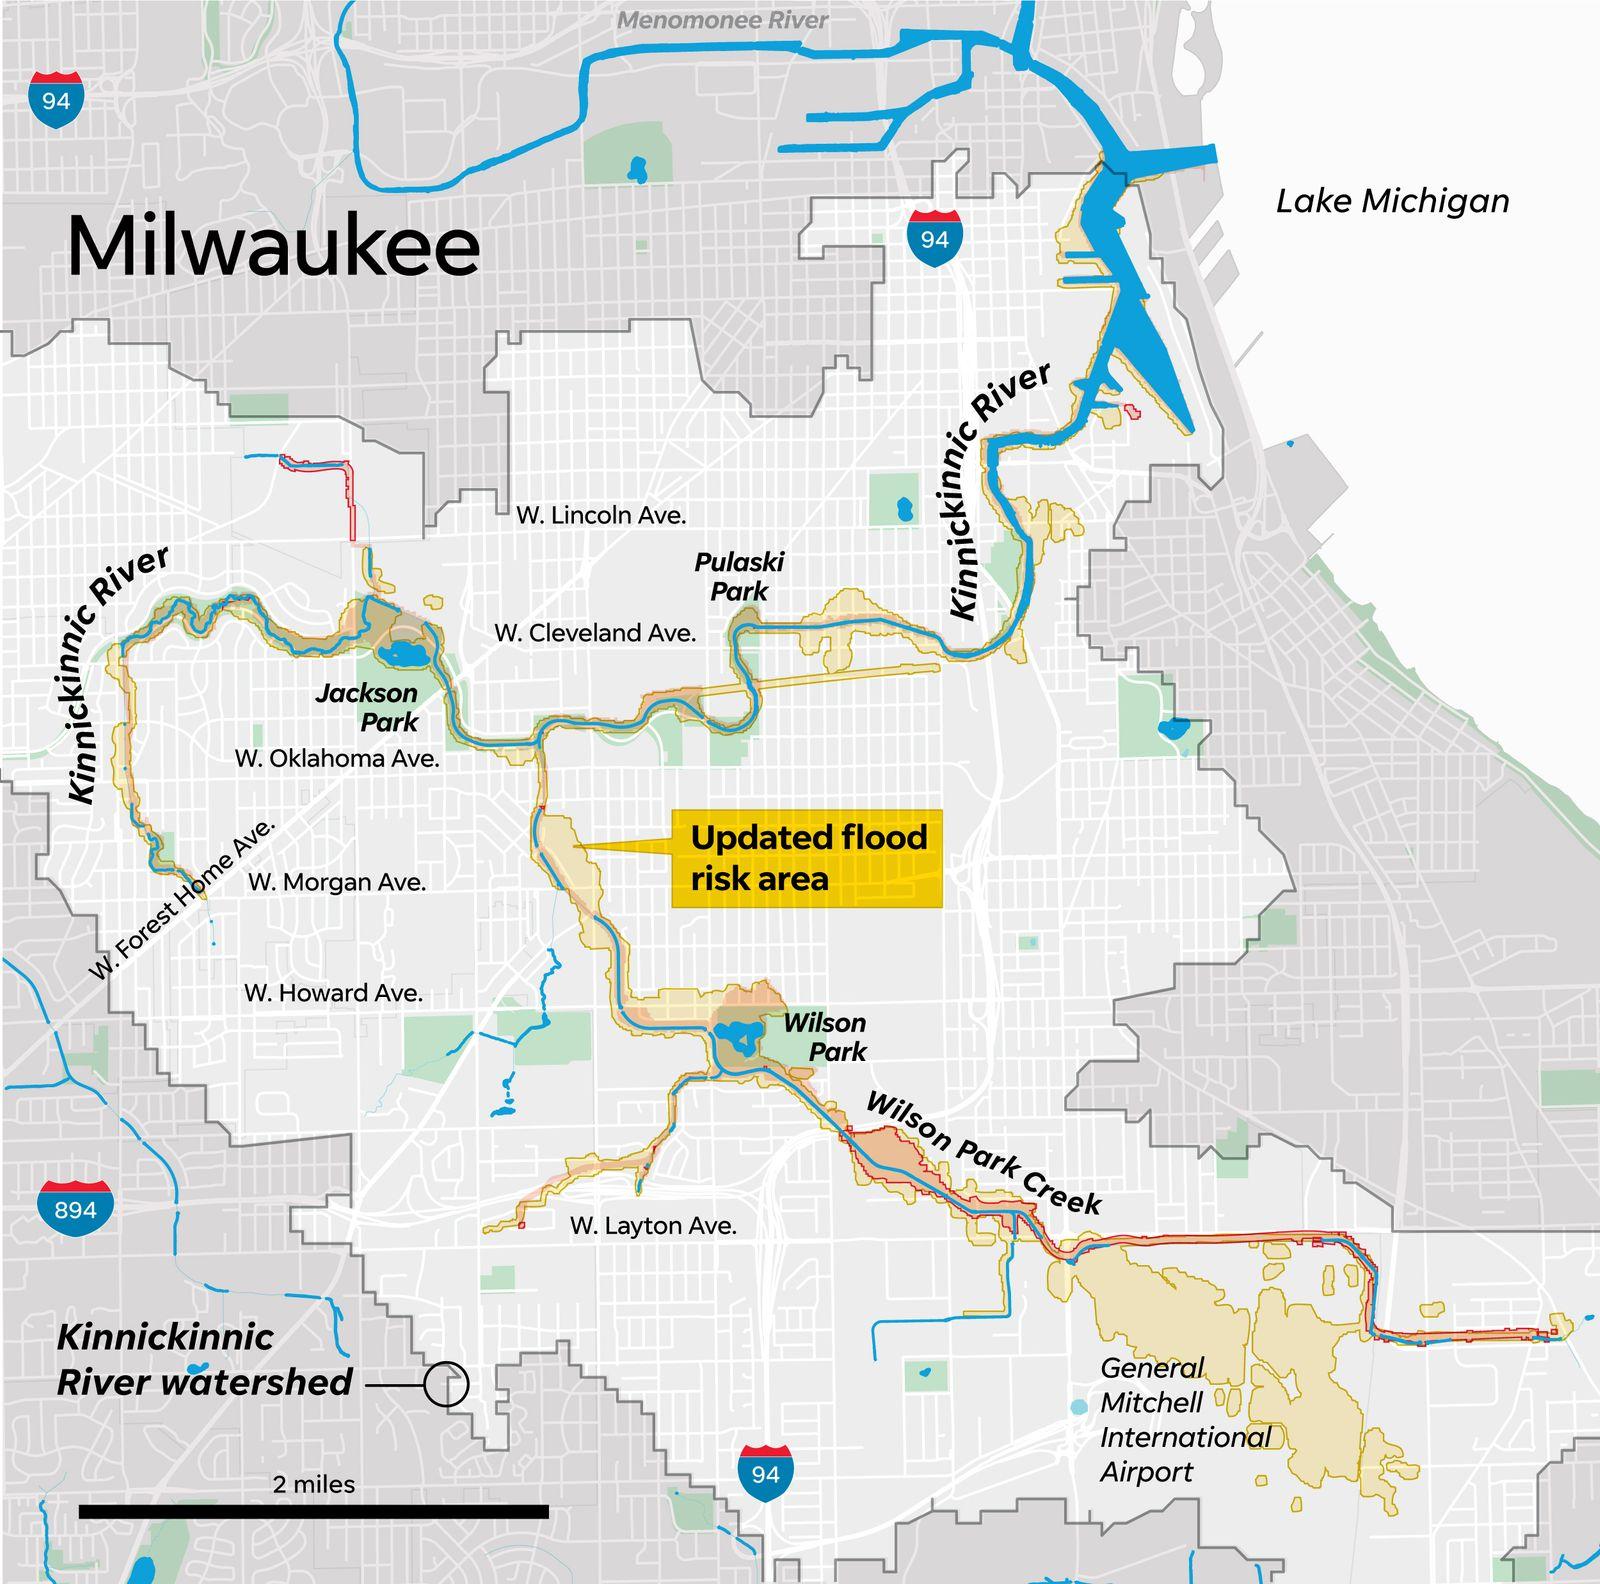 Milwaukee's 'forgotten river' poised for $390 million face lift on